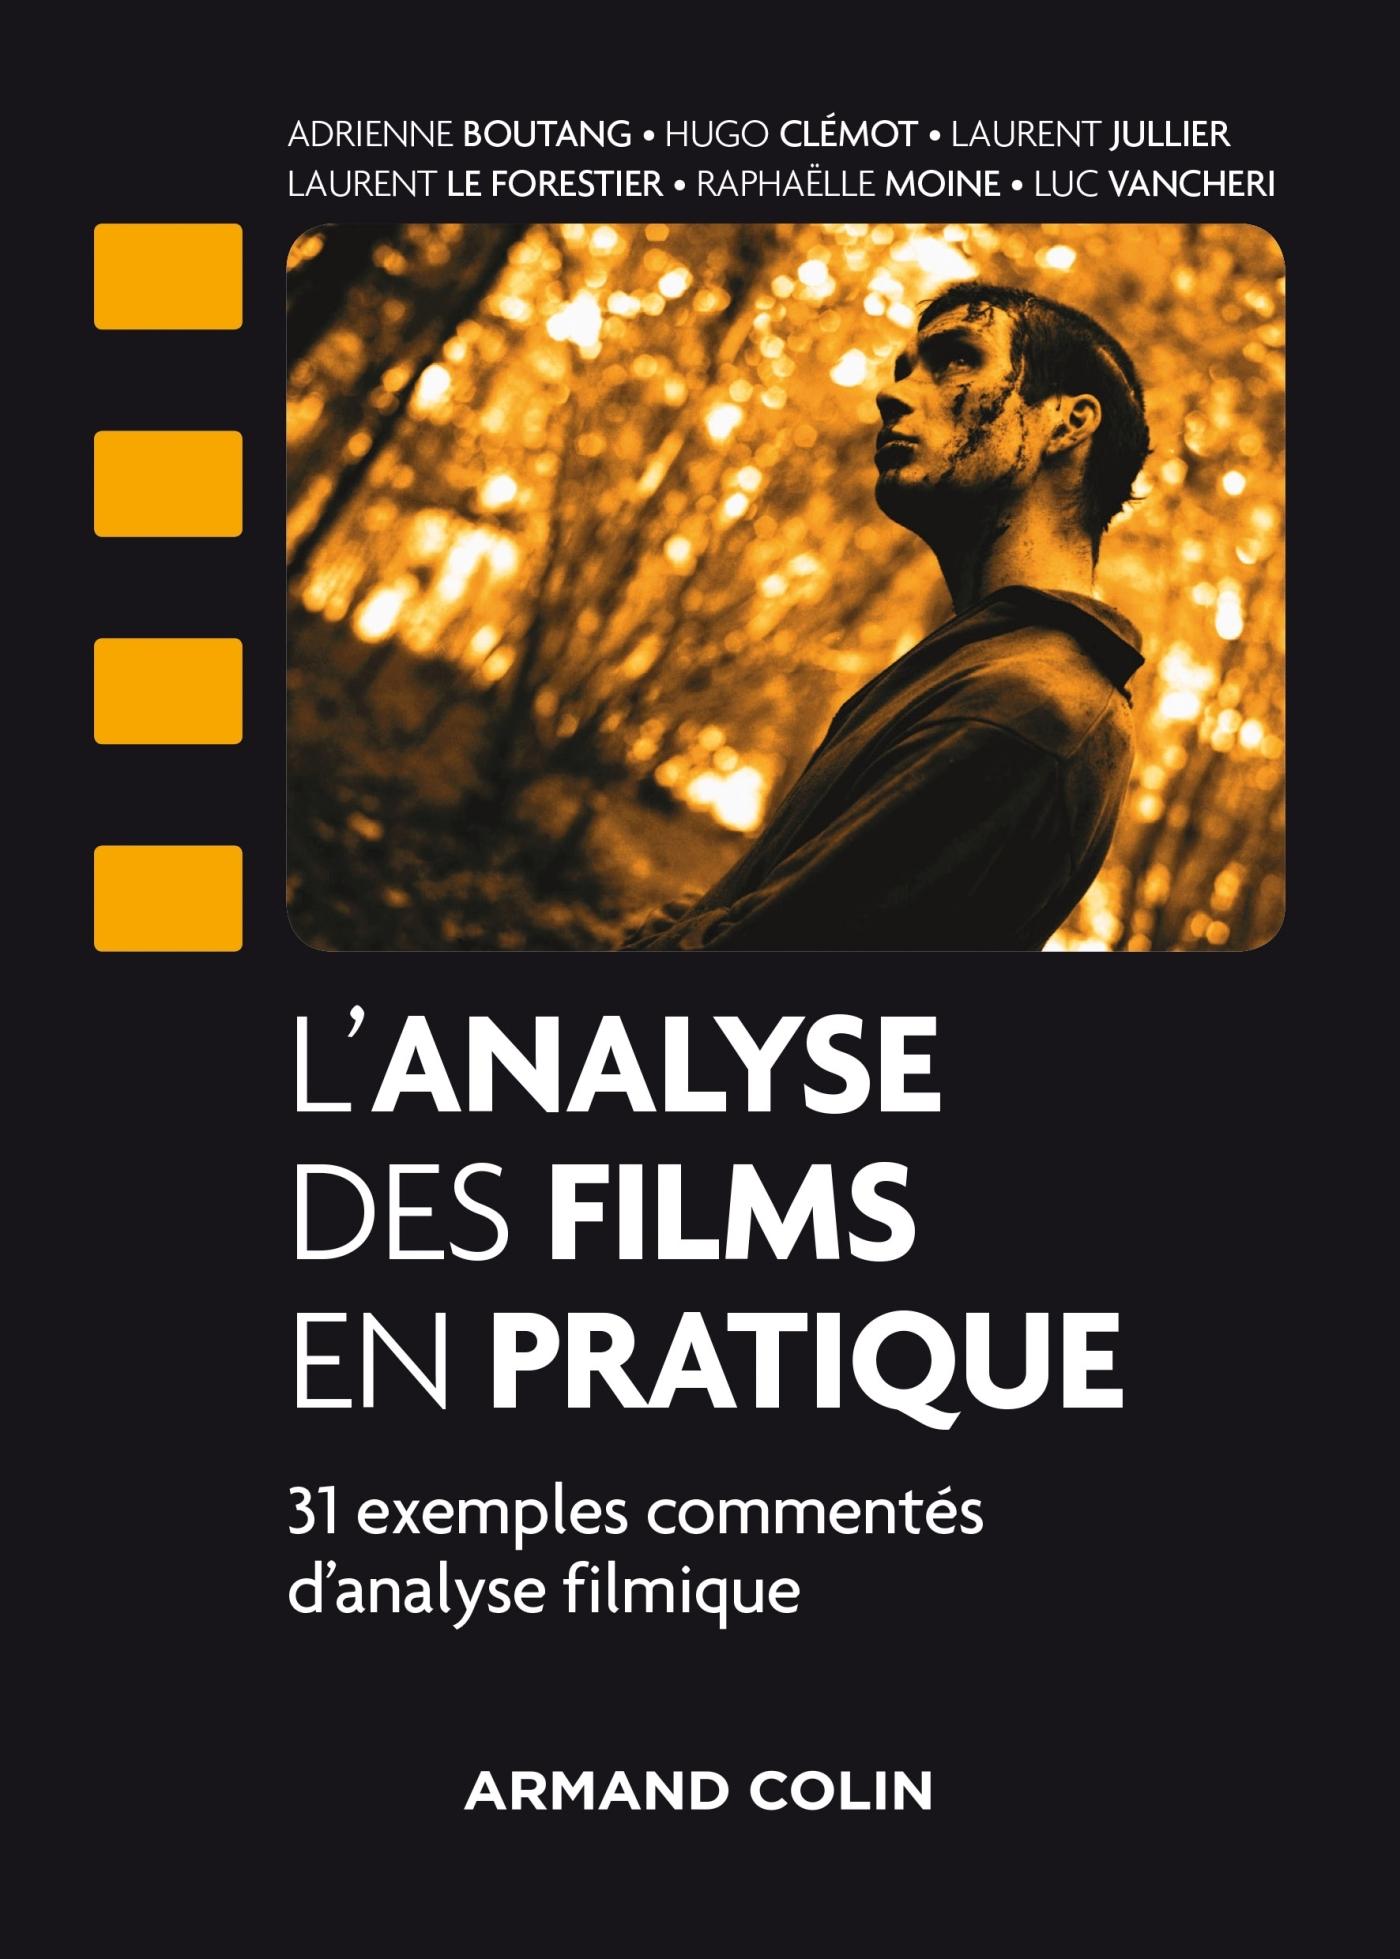 L'ANALYSE DES FILMS EN PRATIQUE - 31 EXEMPLES COMMENTES D'ANALYSE FILMIQUE